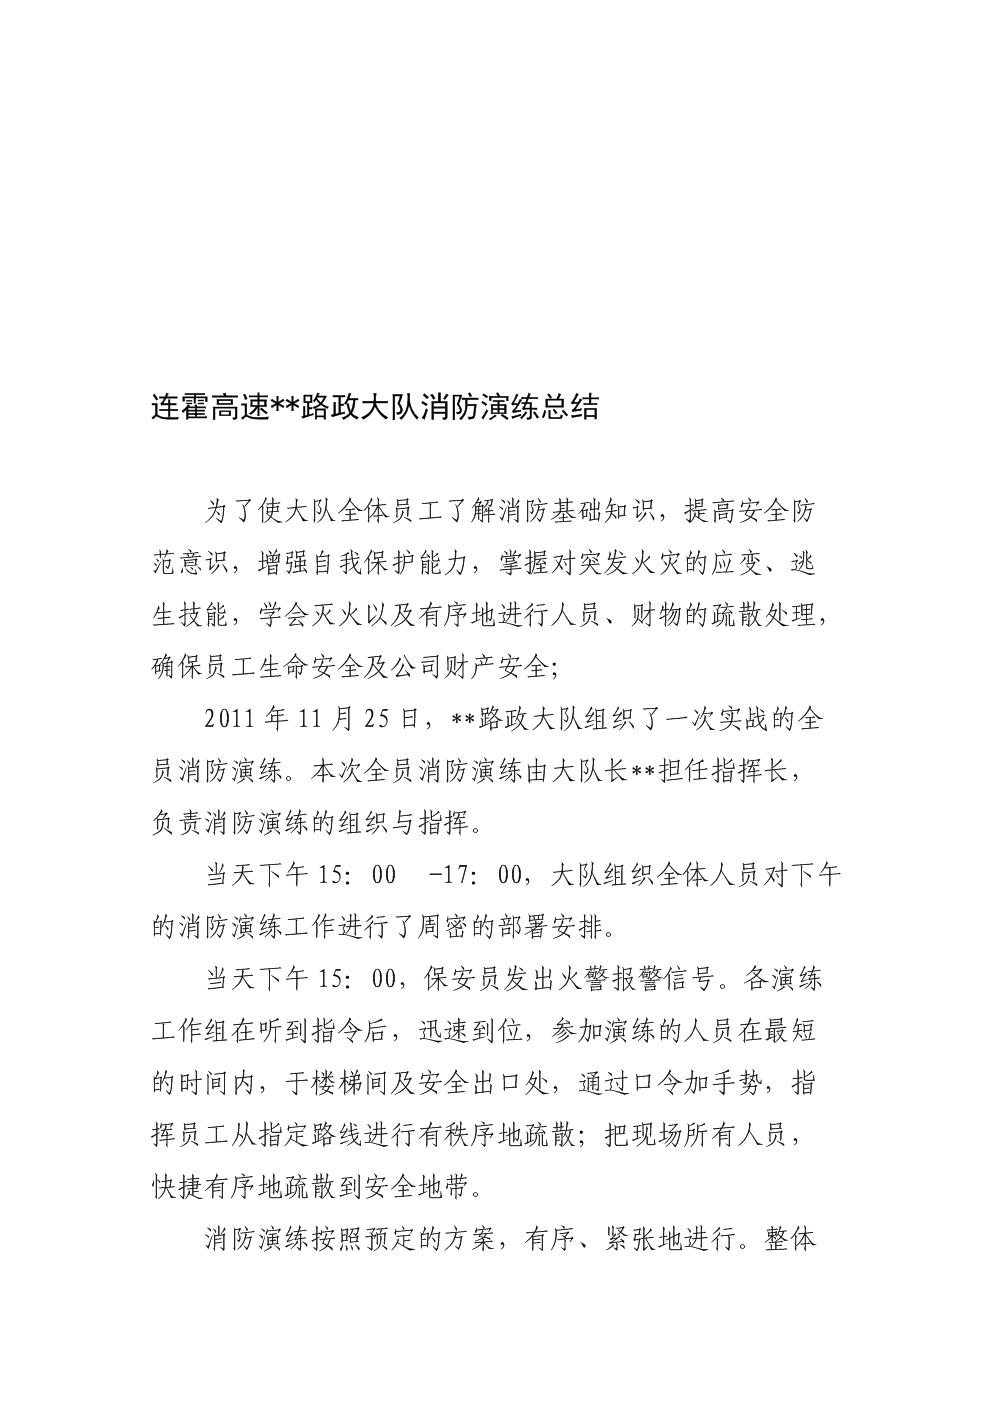 高速公路防火演练总结.doc